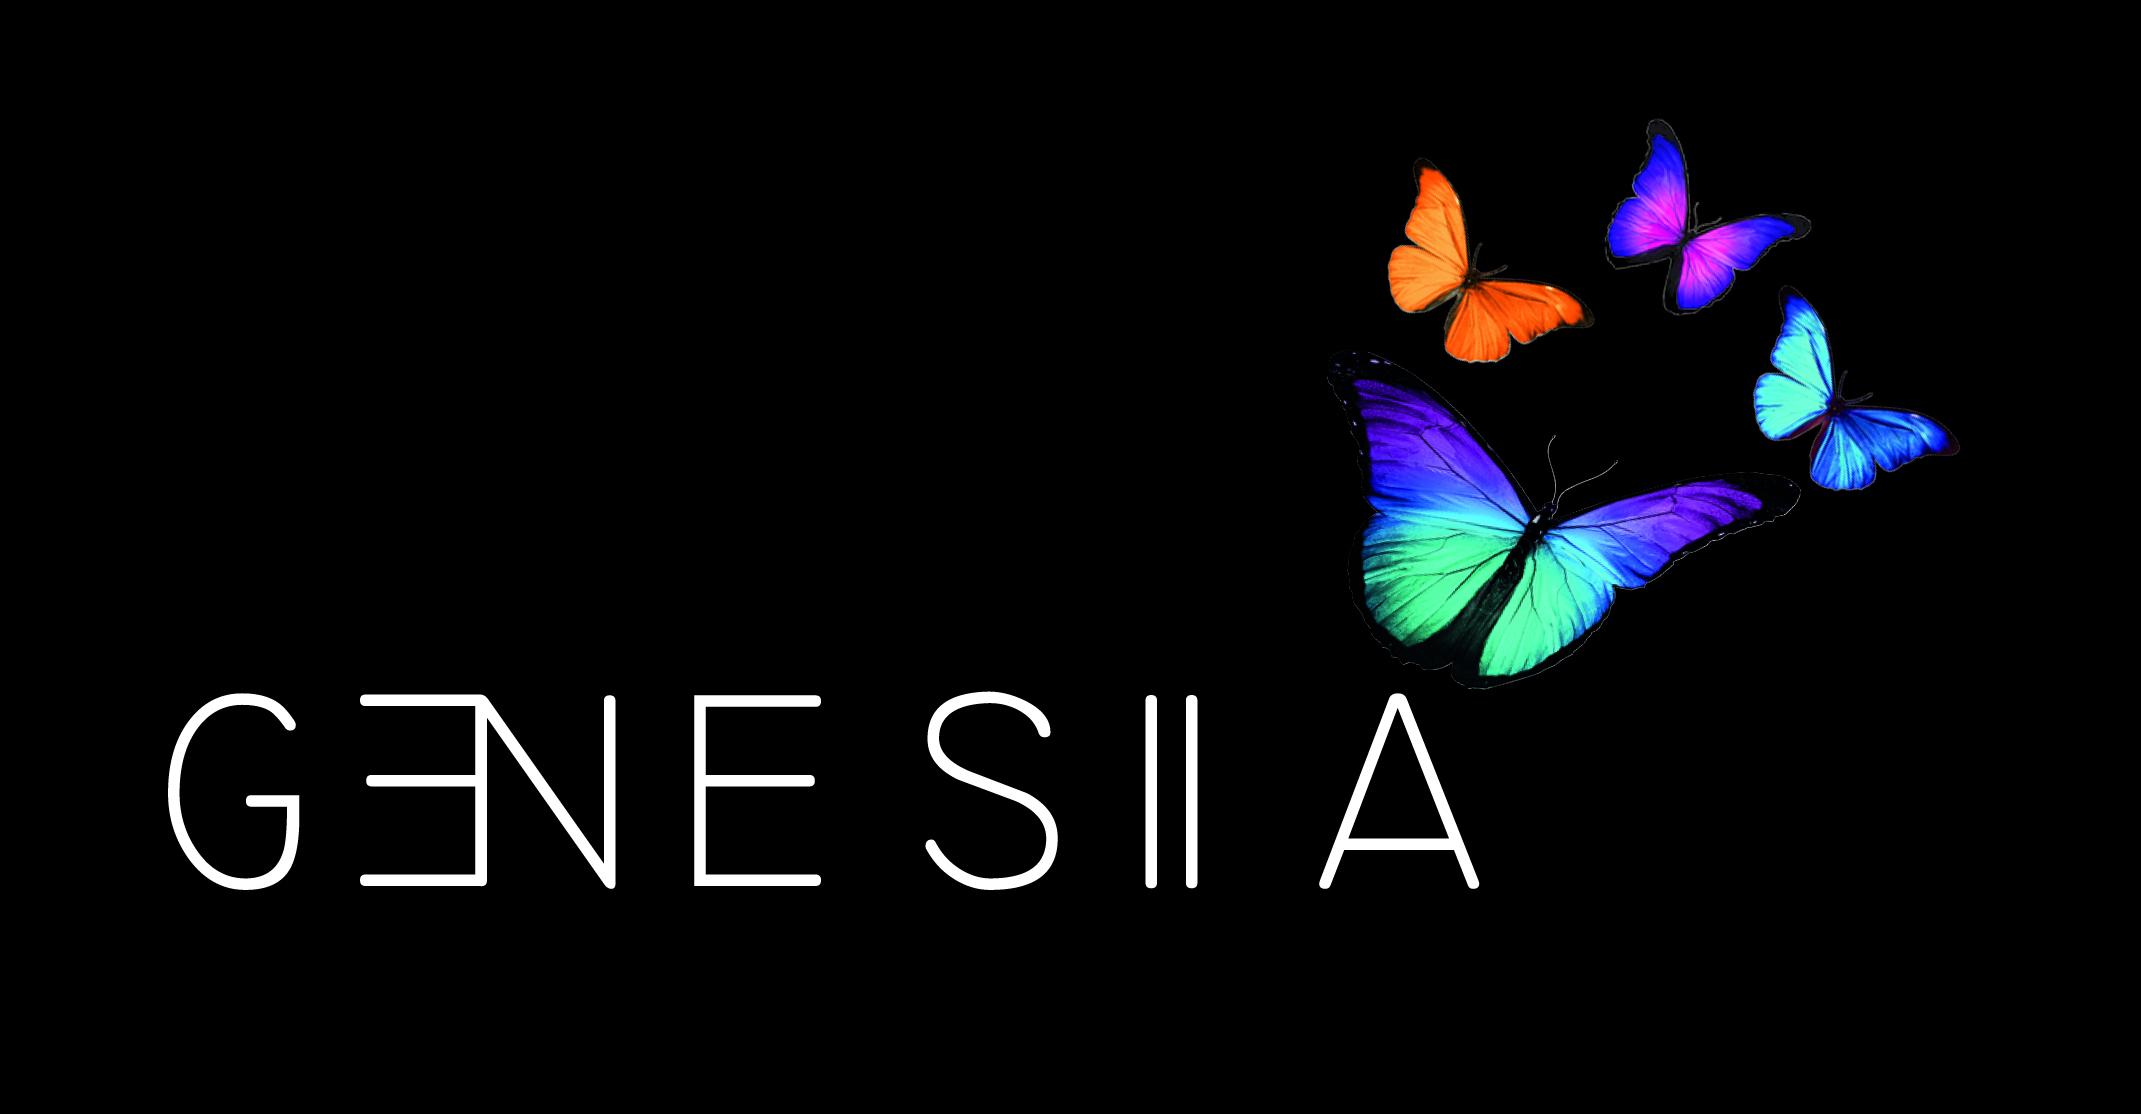 GENESIIA